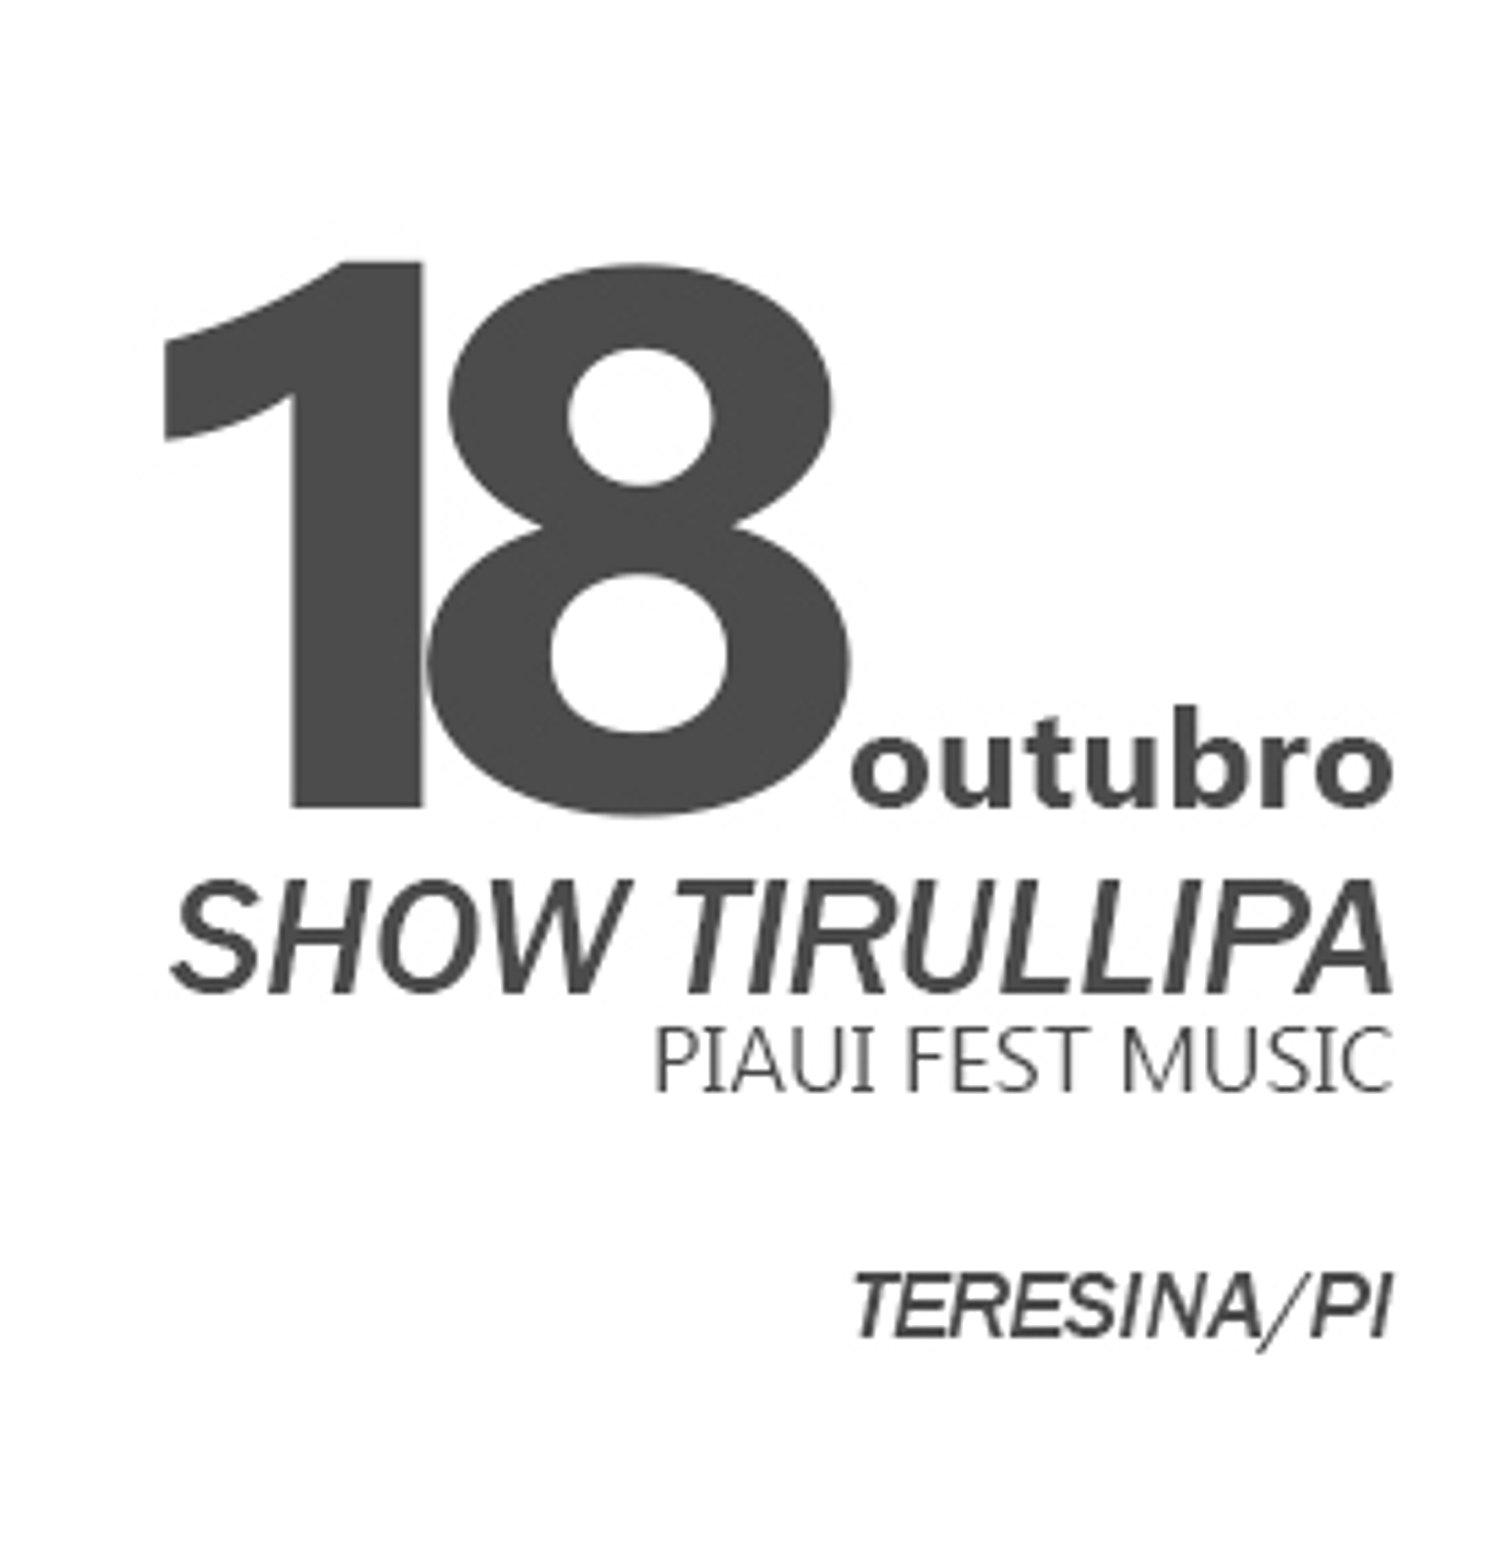 TIRULLIPA EM TERESINA/PI